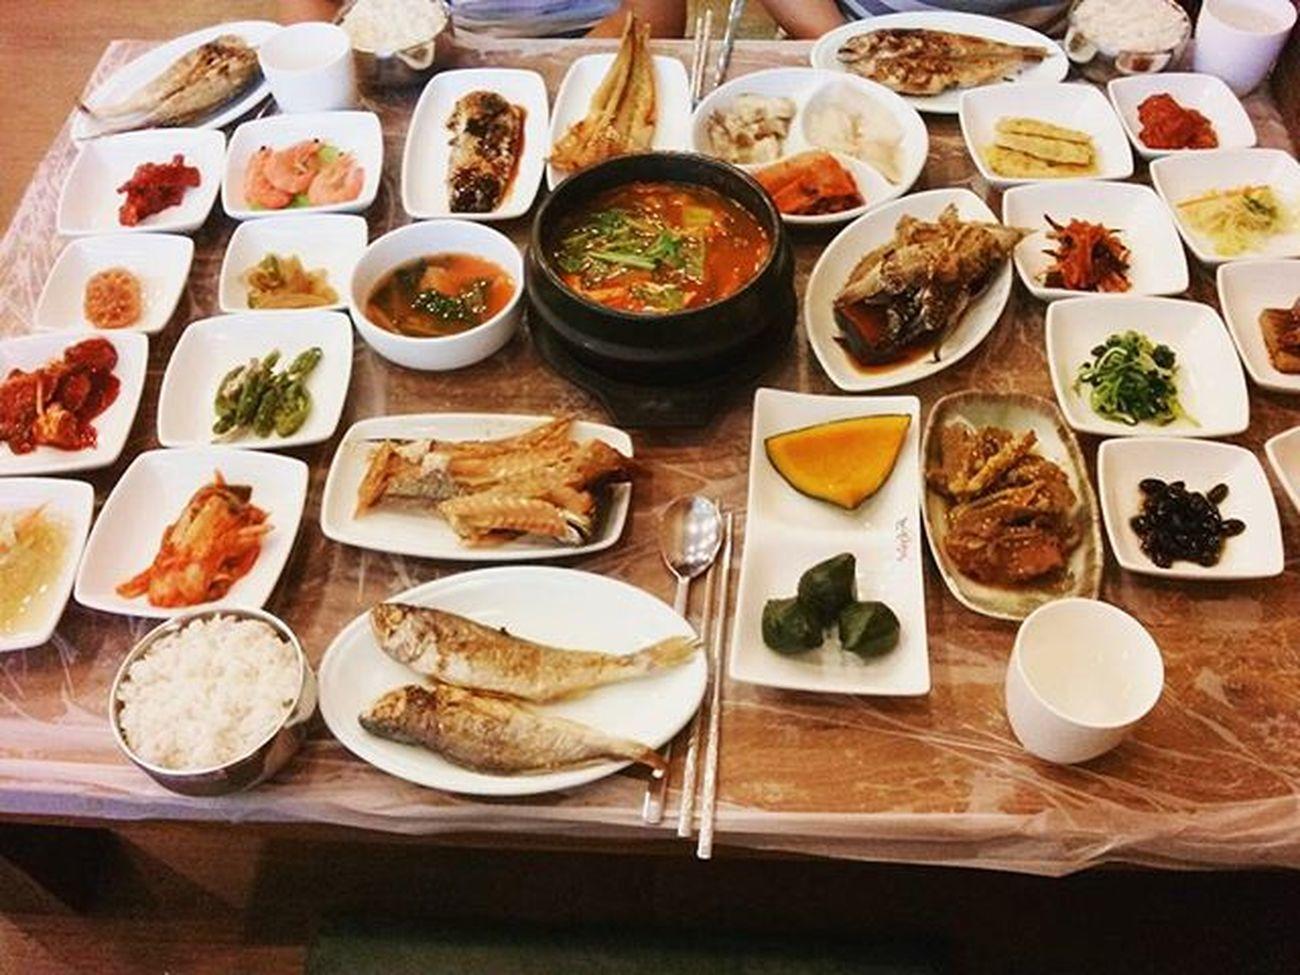 한국인의 밥상 먹스타그램 Food 영광 여행 굴비정식